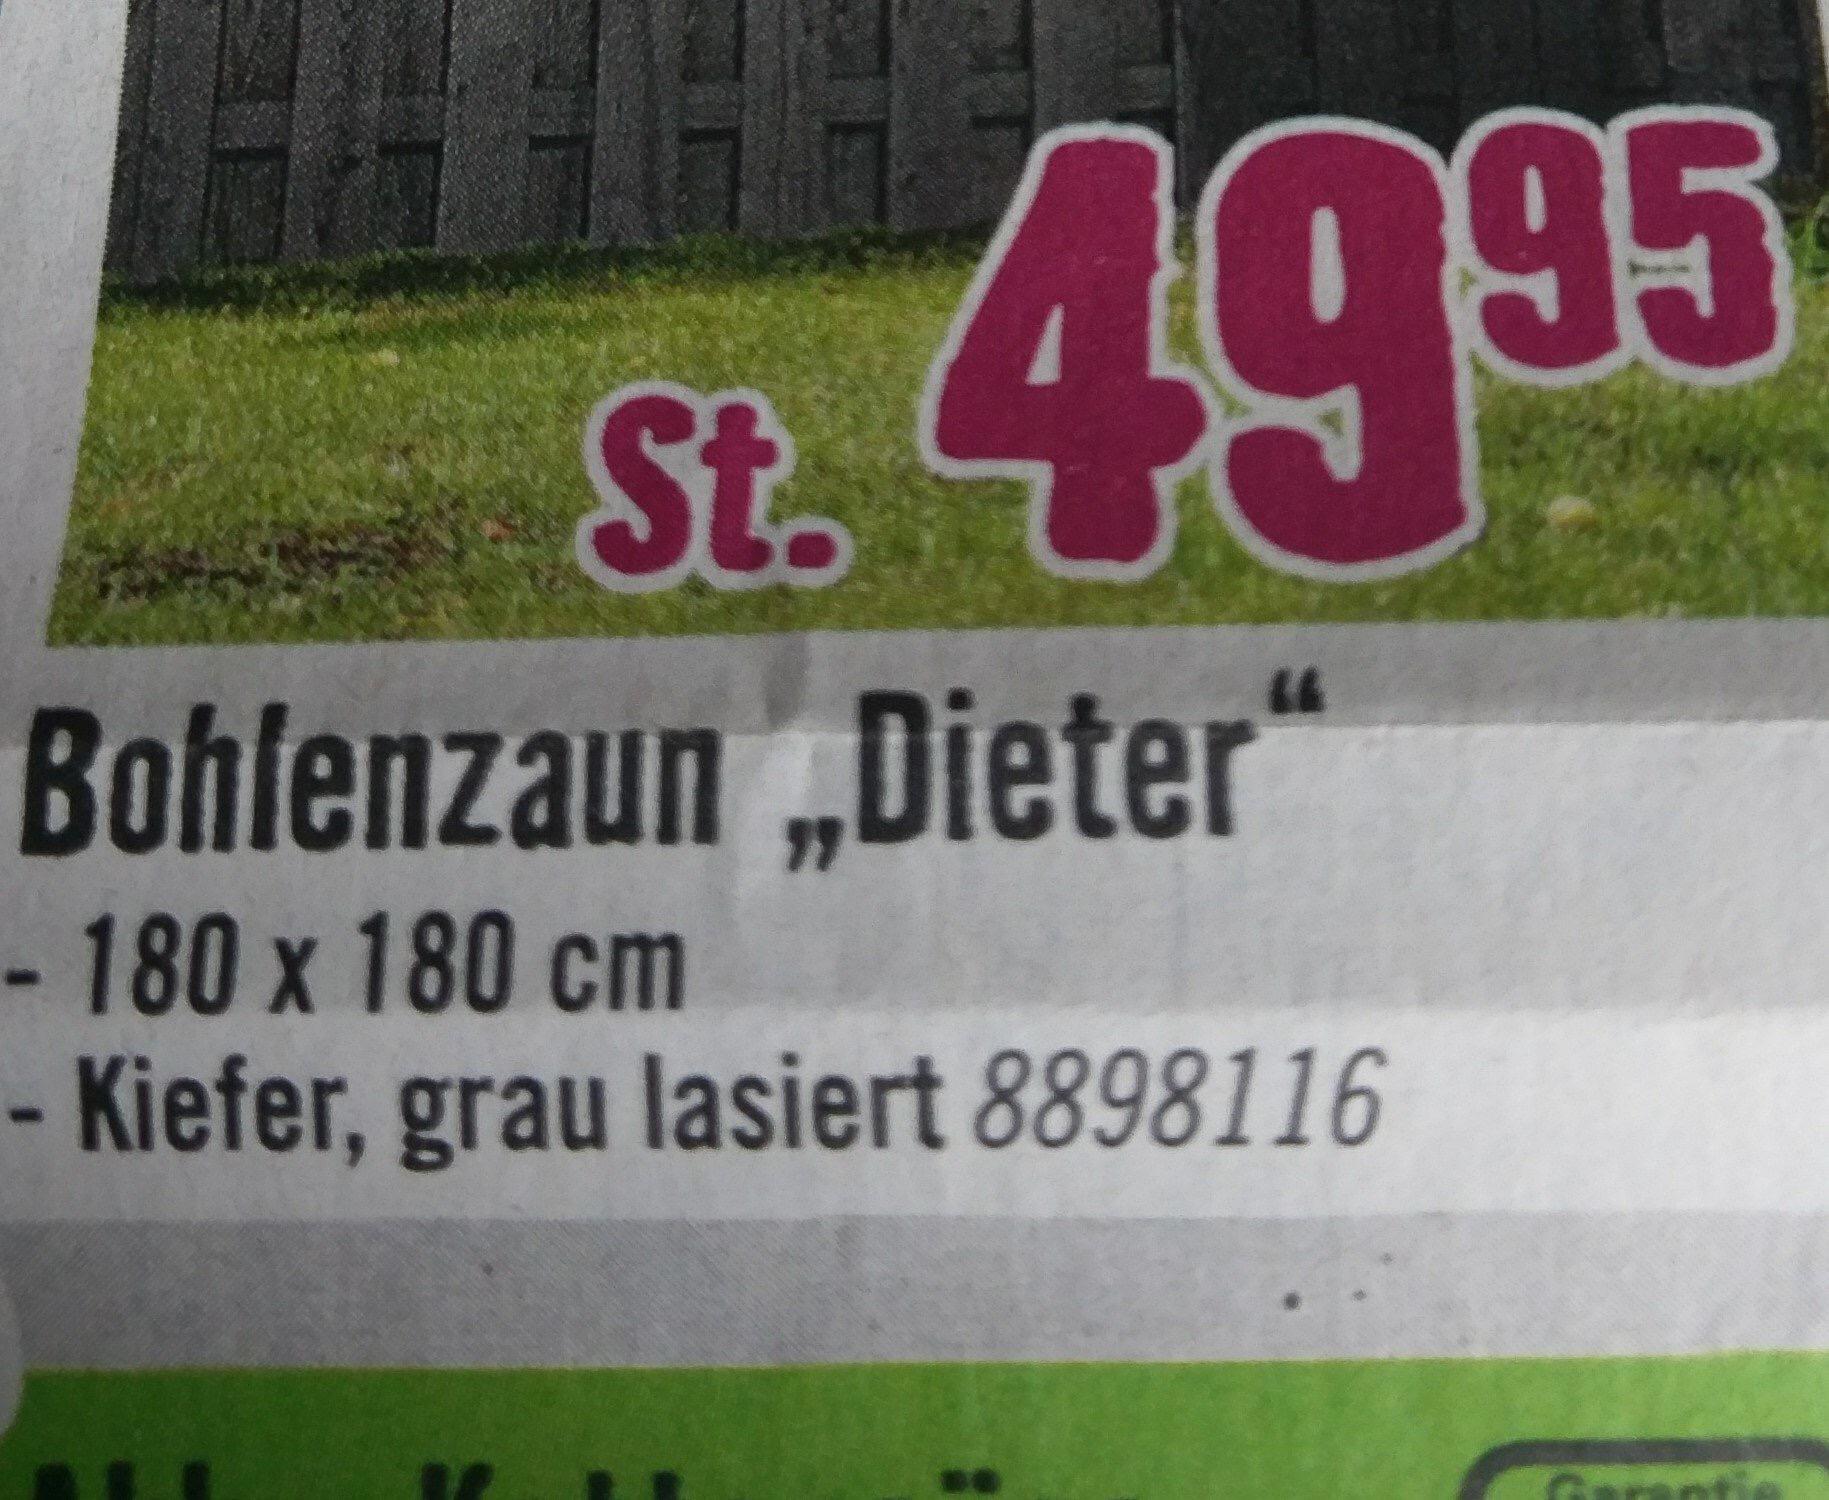 Bohlenzaun Dieter